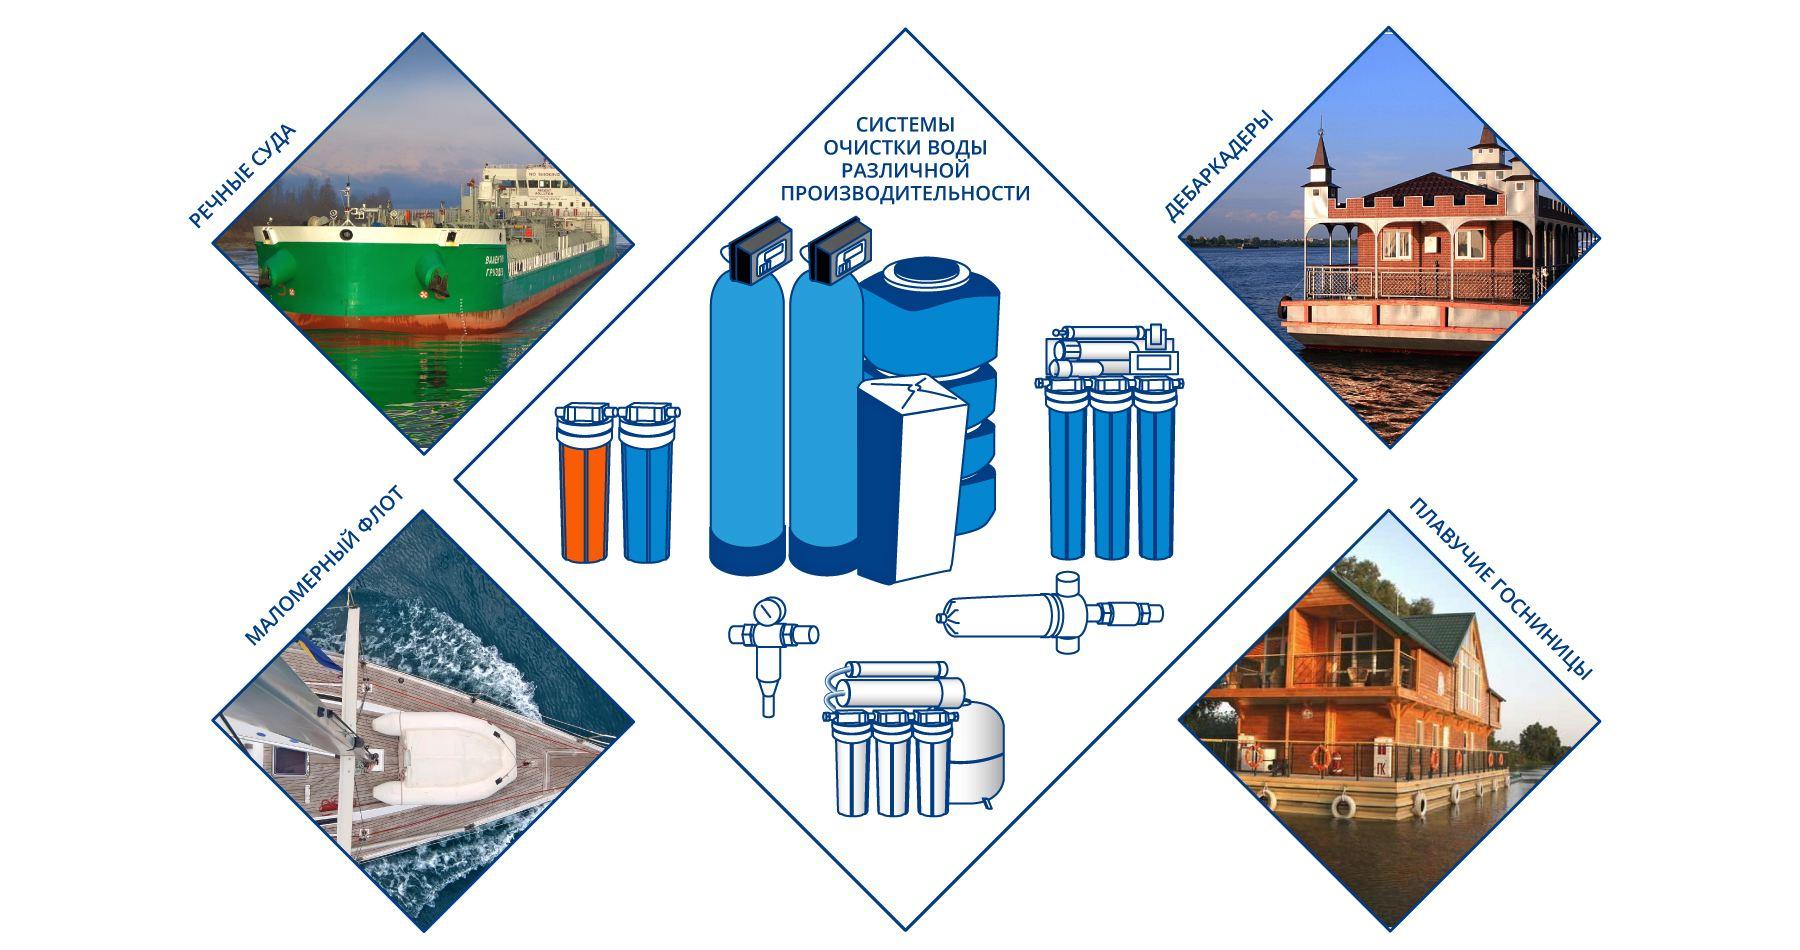 Водоподготовка на судах. Системы очистки воды порта, дебаркадера, гостиницы на воде